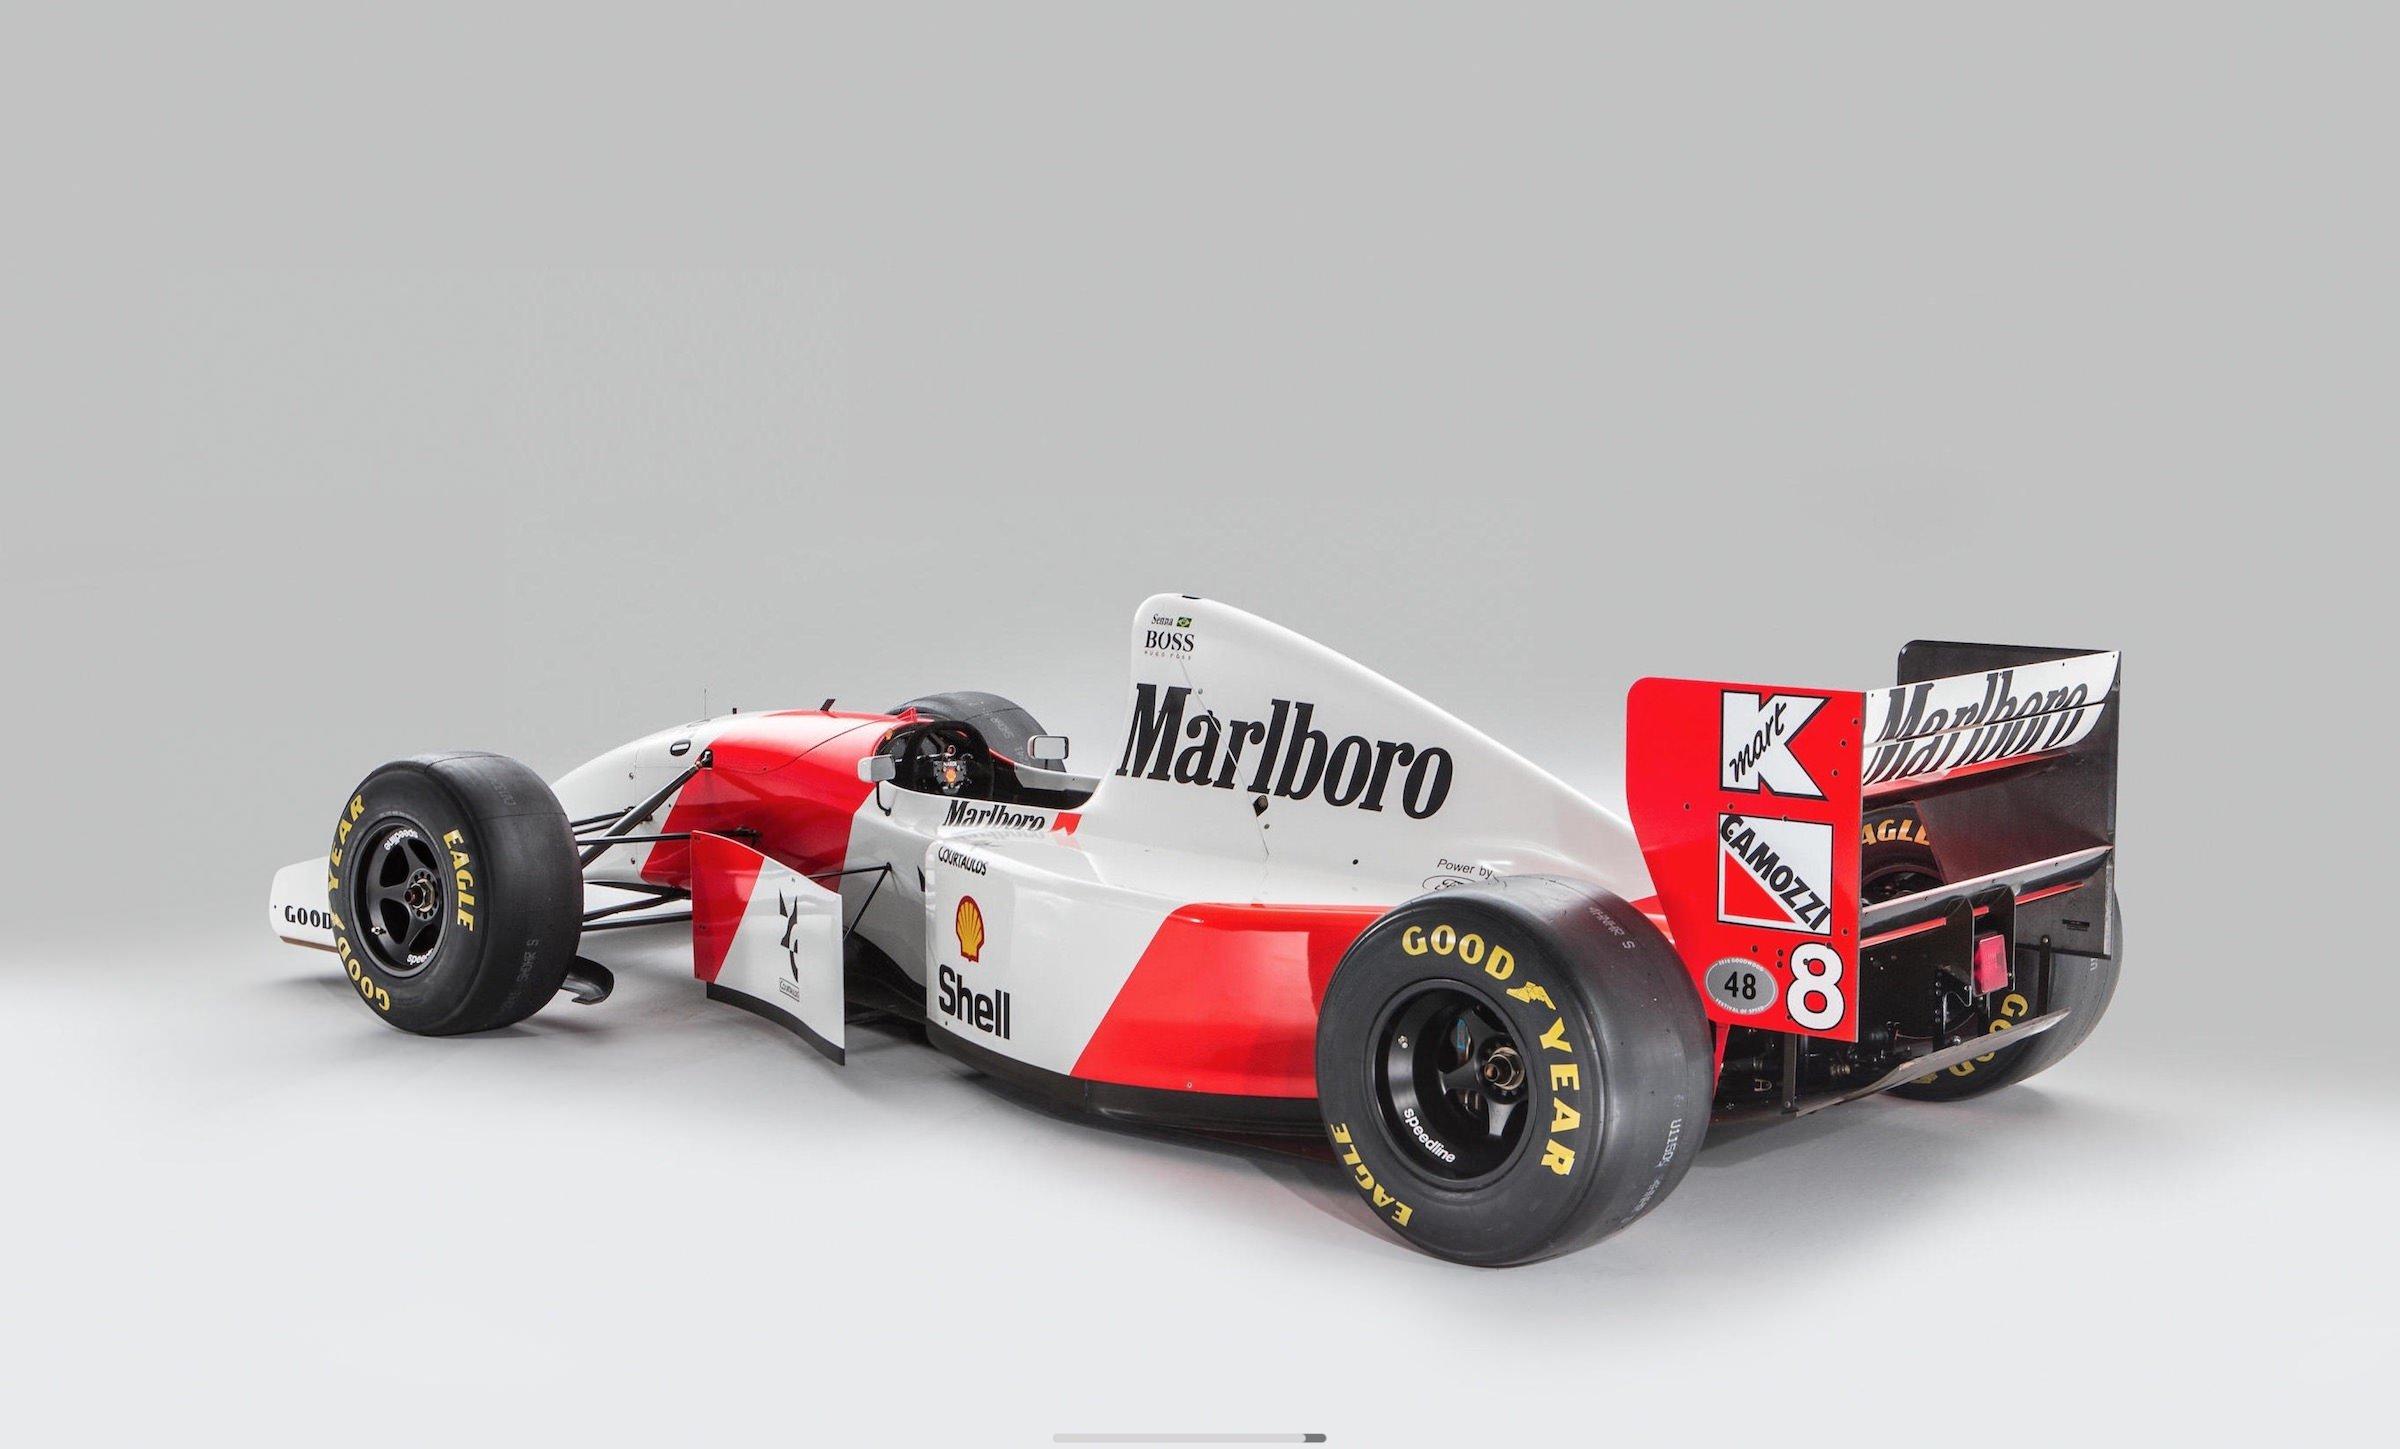 Track His Phone >> Ayrton Senna's Original 1993 McLaren MP4/8 Formula 1 Car